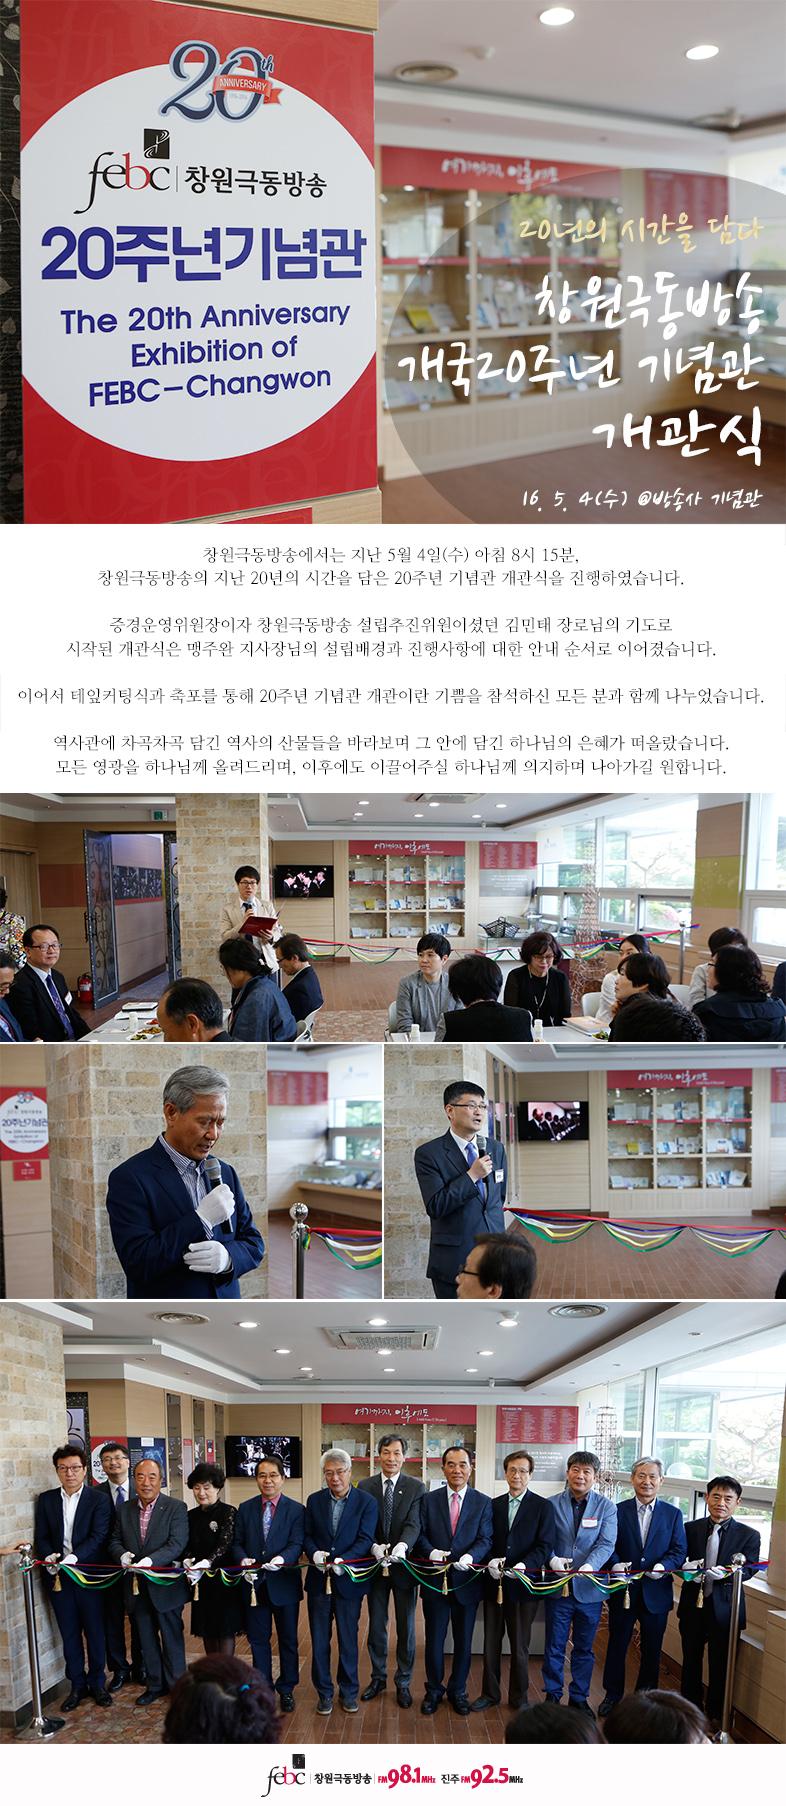 20160504(수) 창원극동방송 개국20주년 기념관 개관식.jpg